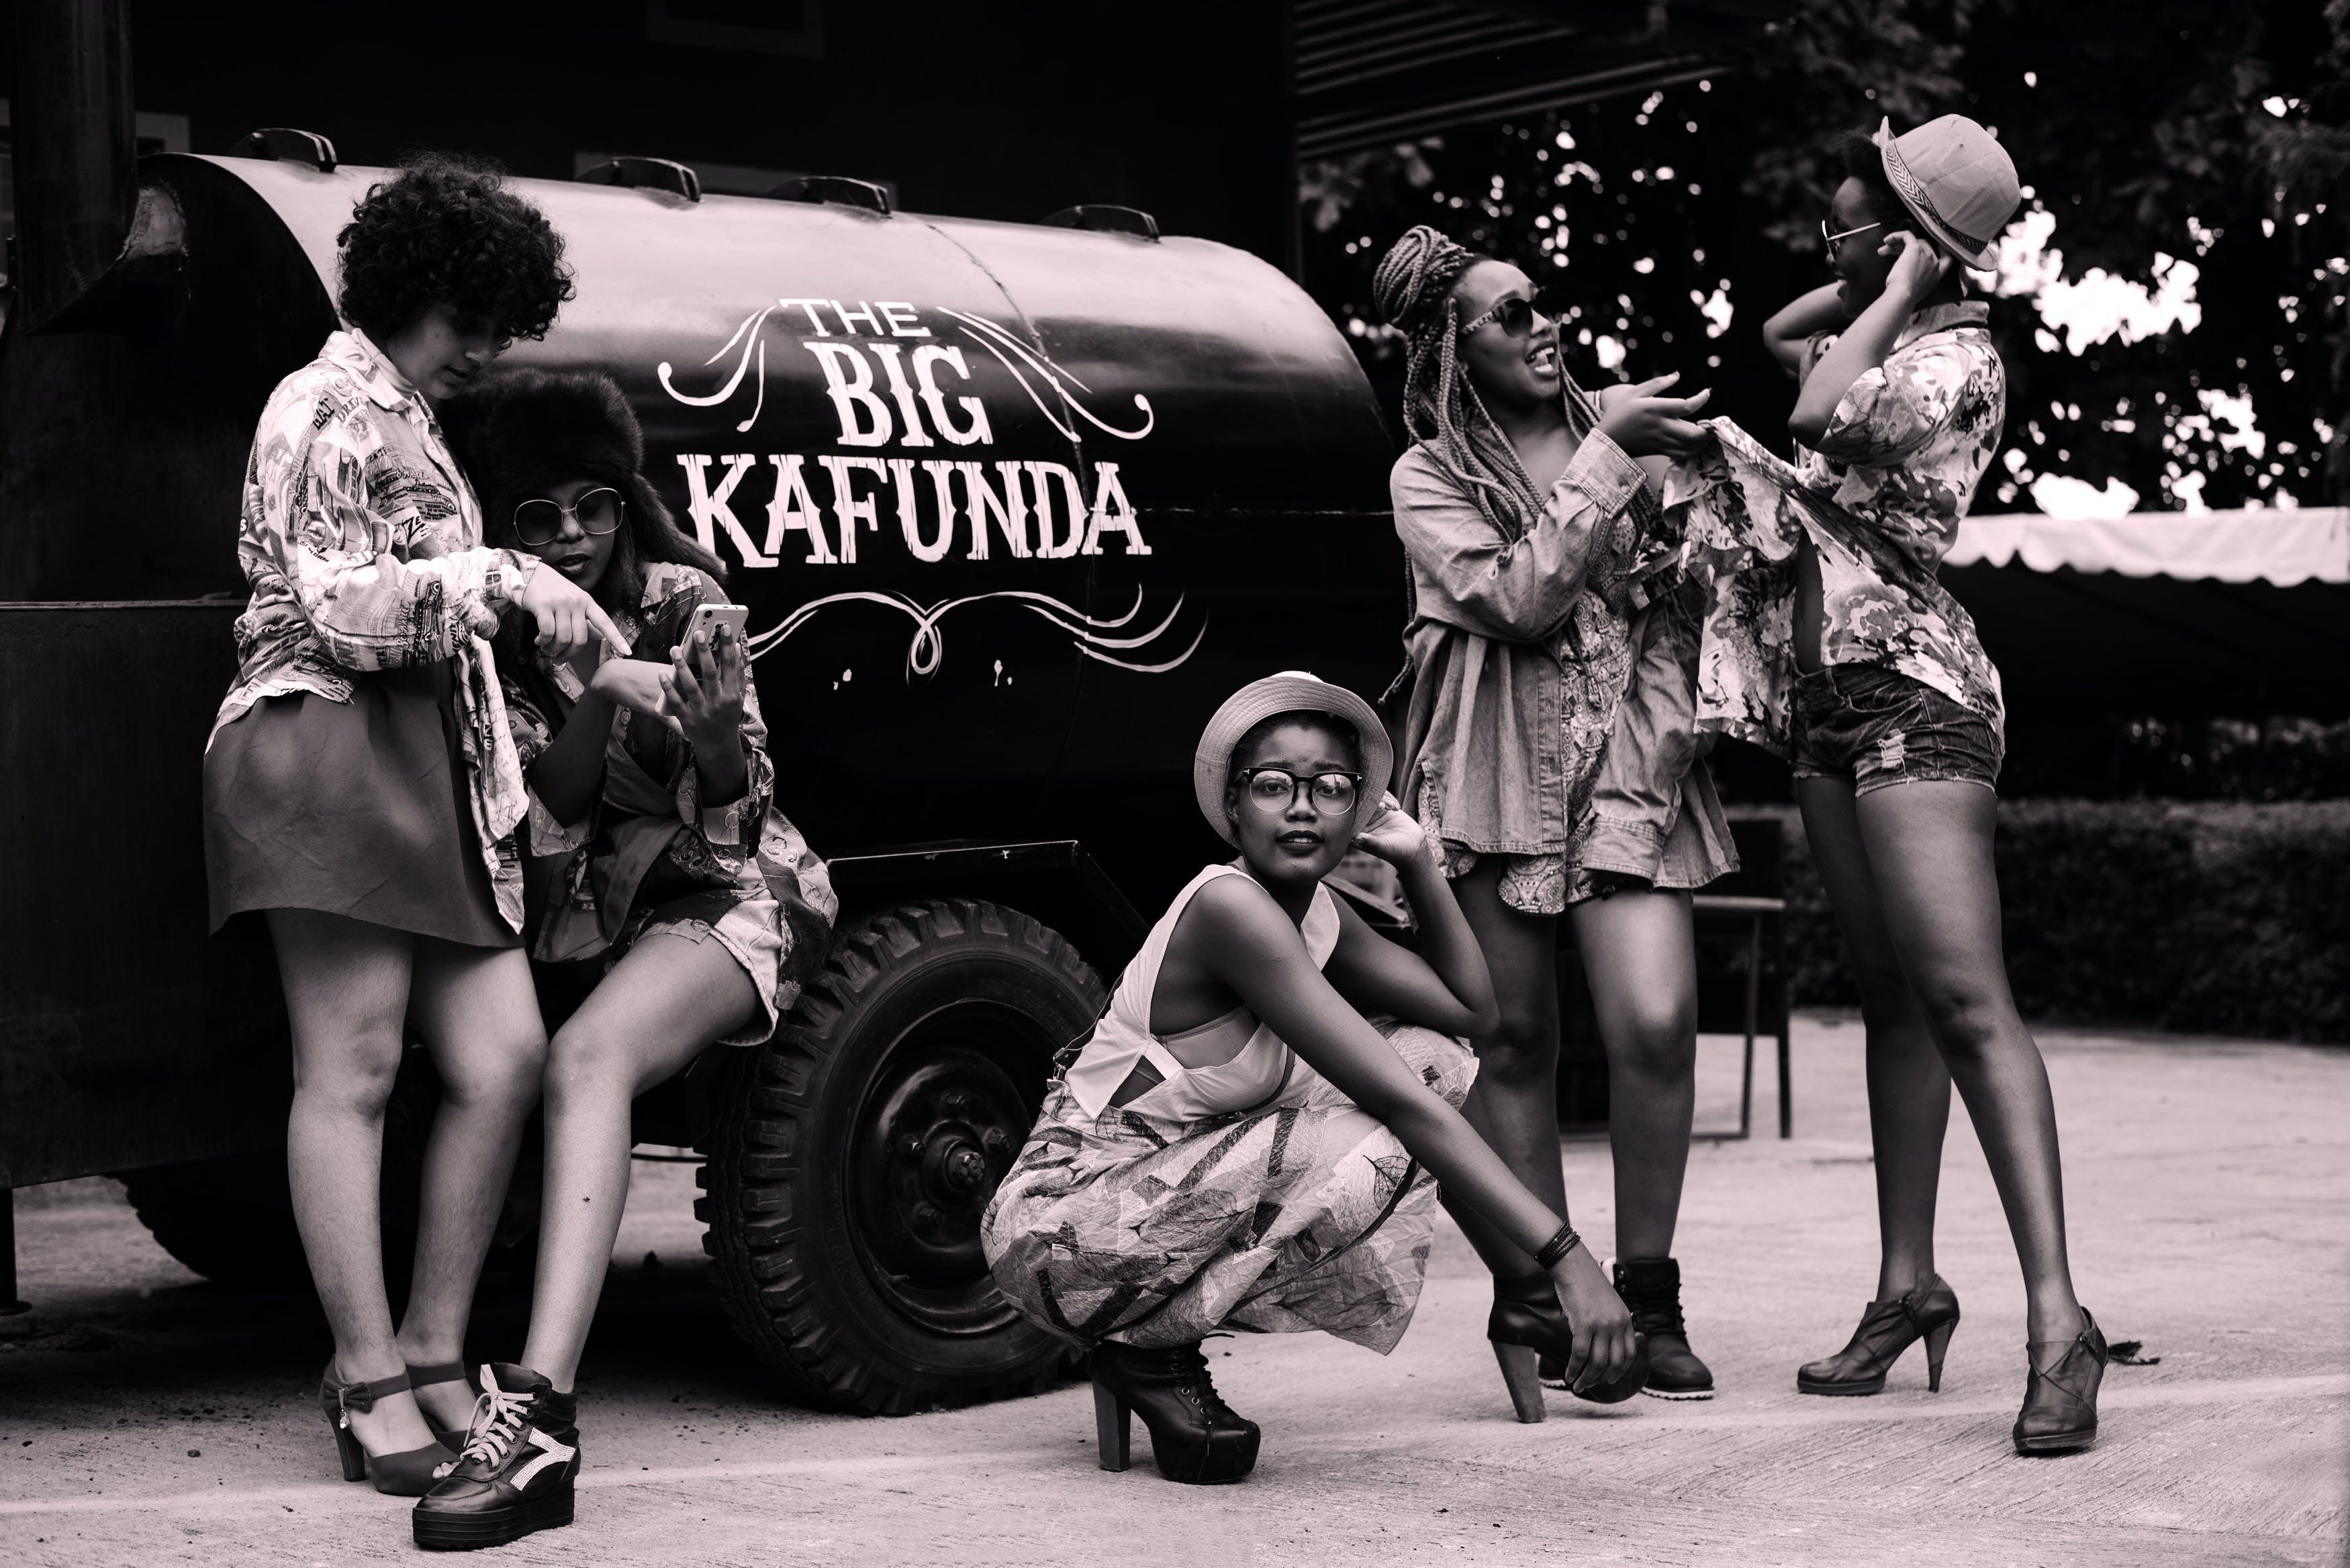 Women Standing Near the Big Kafunda Truck